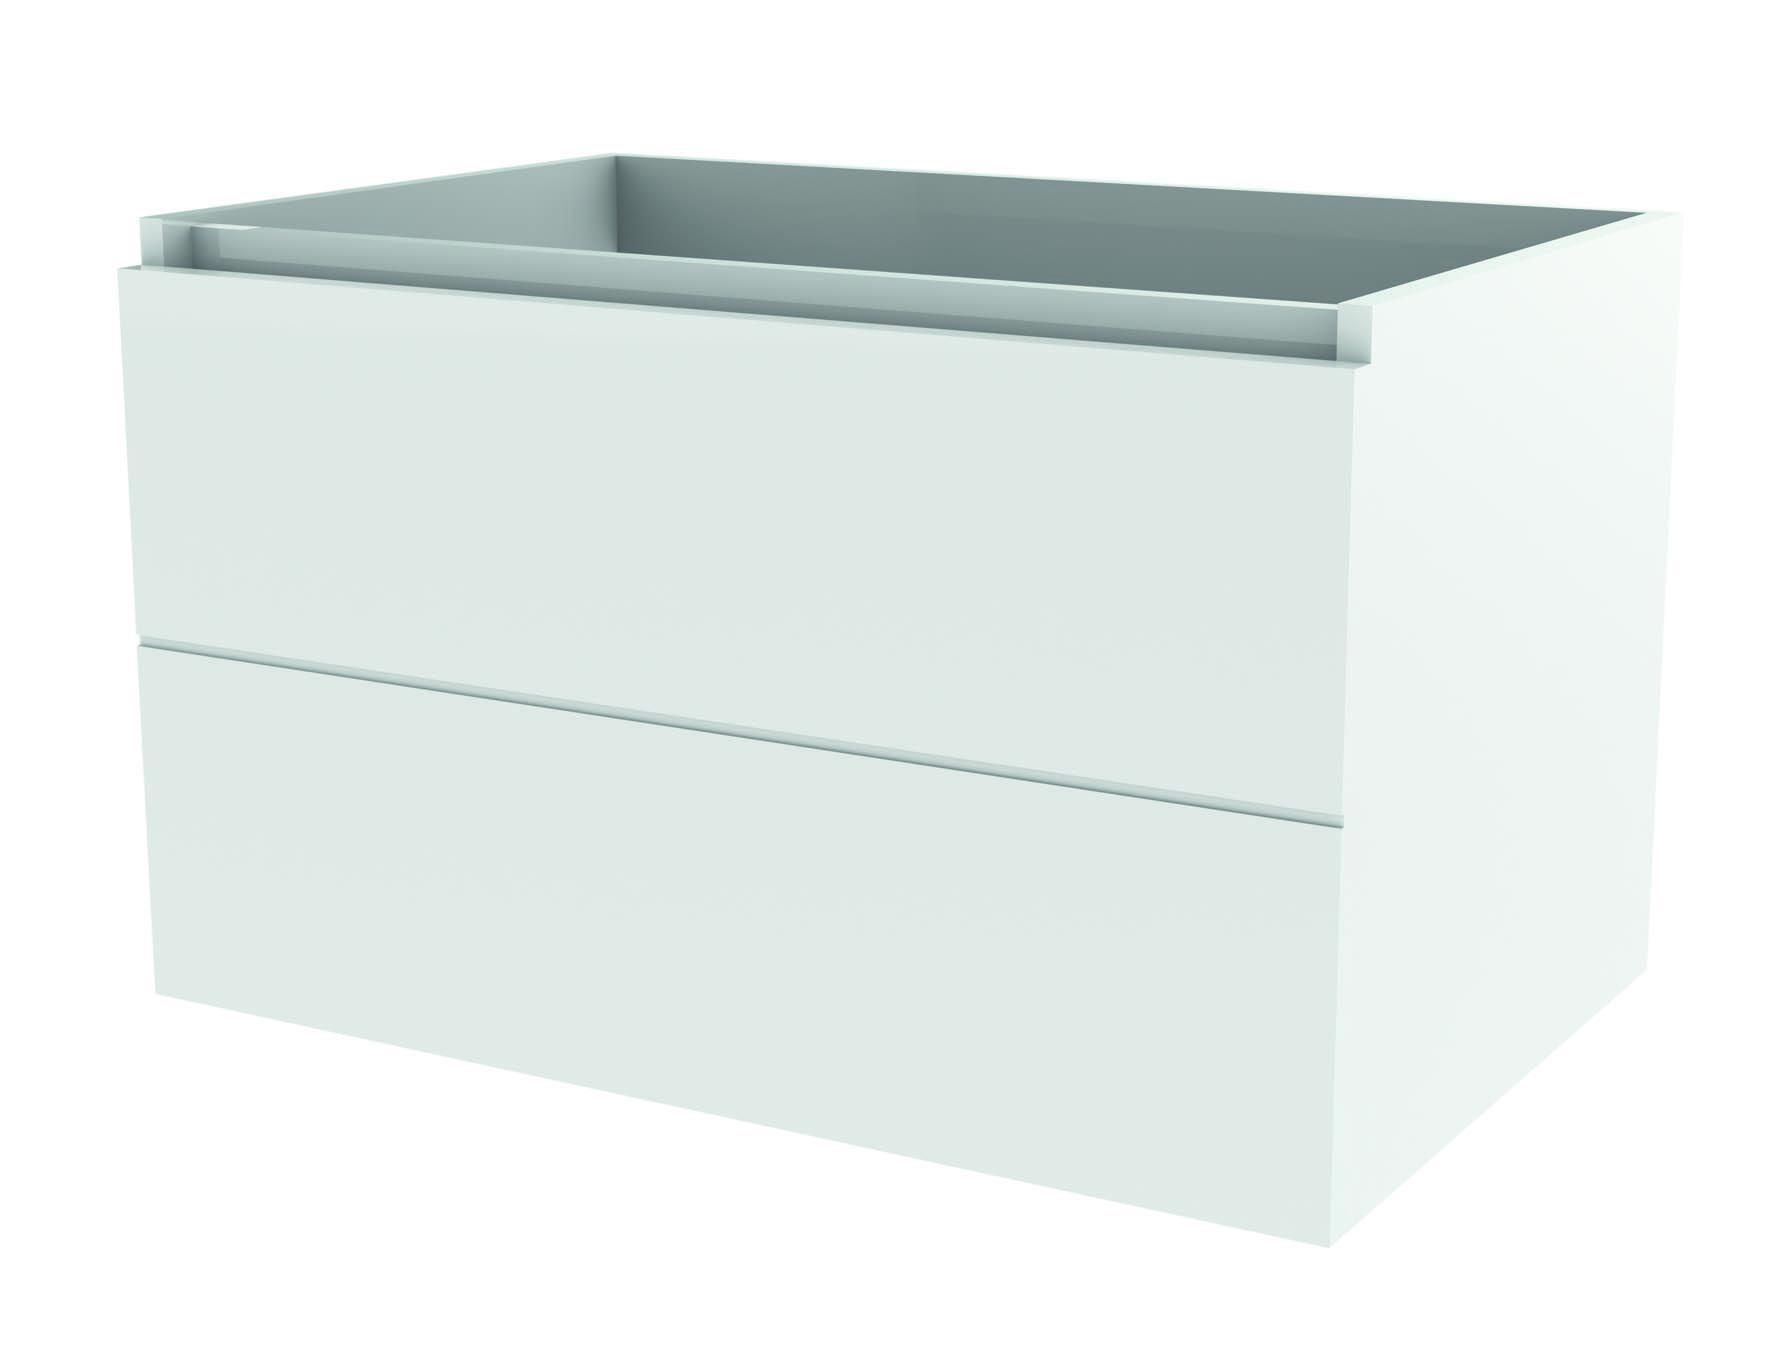 Badkamer Accessoires - Onderbouwkasten